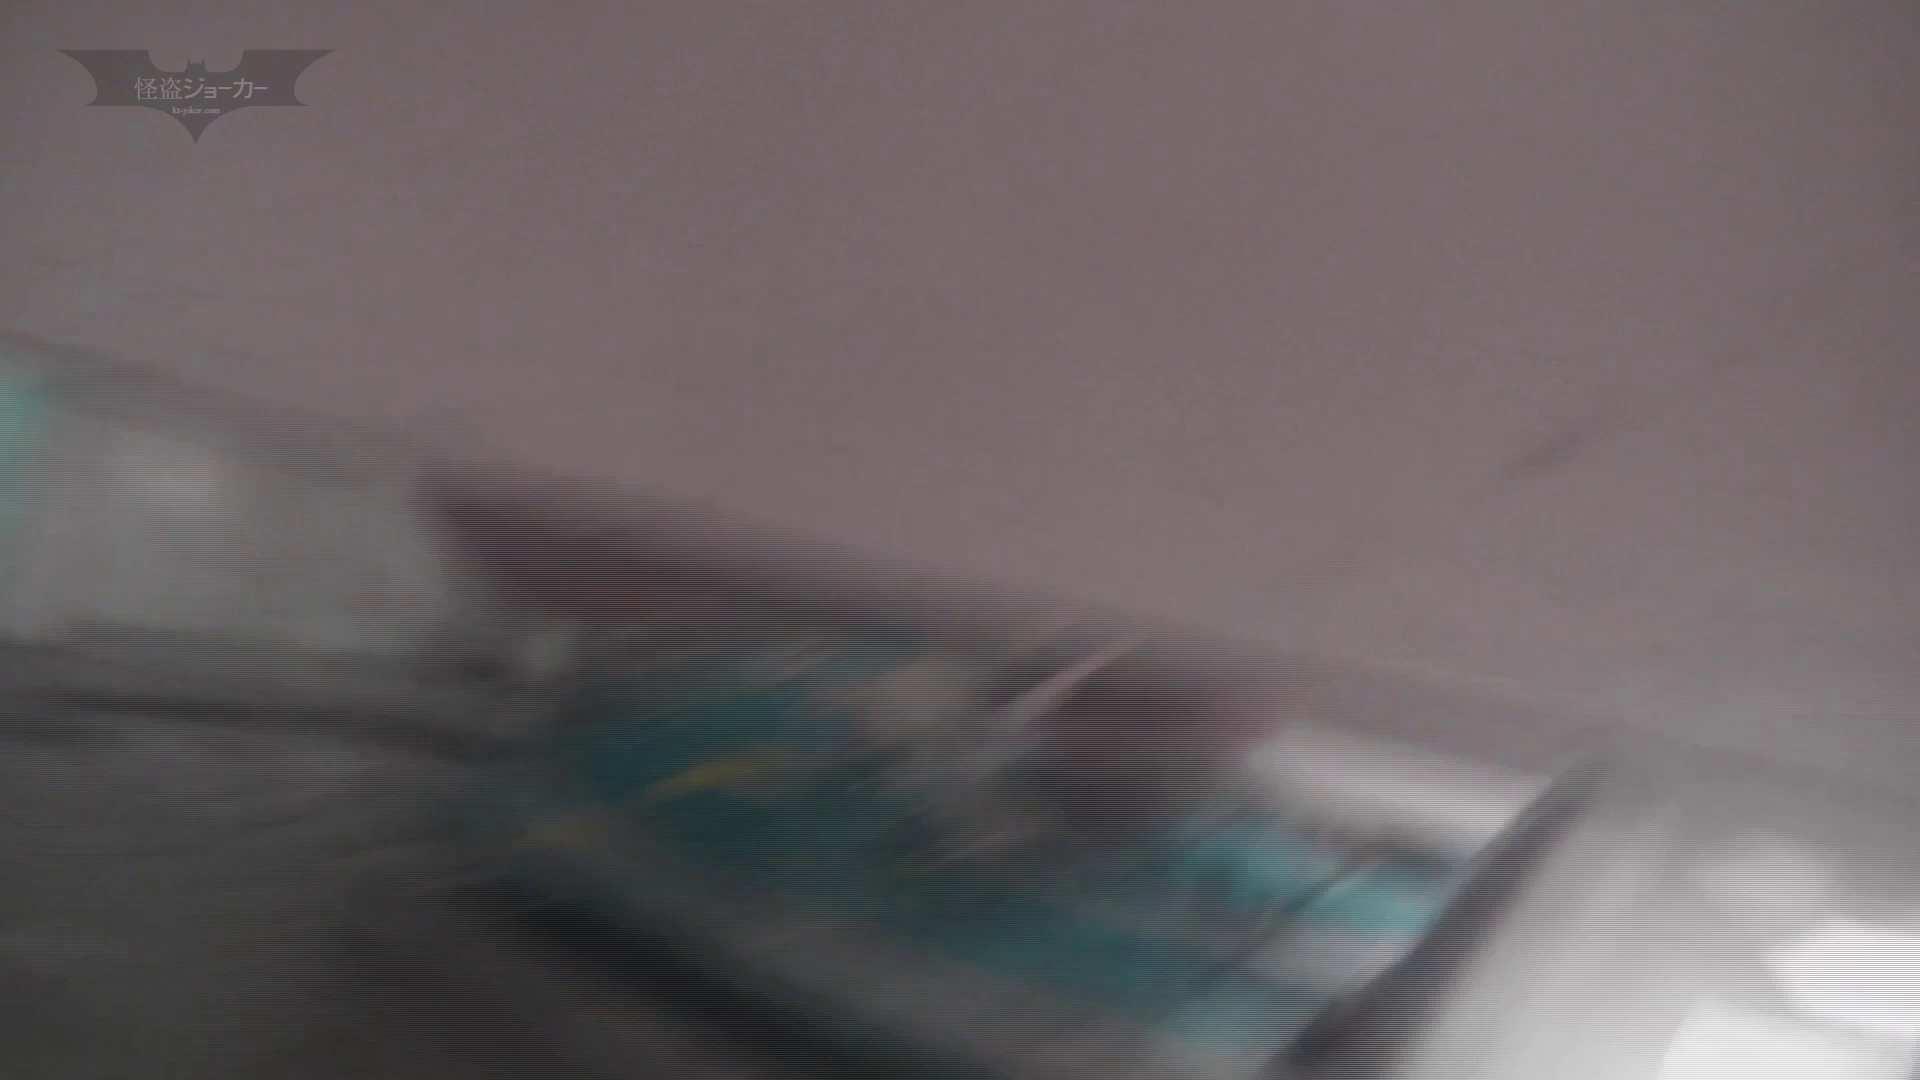 潜入!!台湾名門女学院 Vol.10 進化 潜入エロ調査 | 盗撮エロすぎ  79連発 14